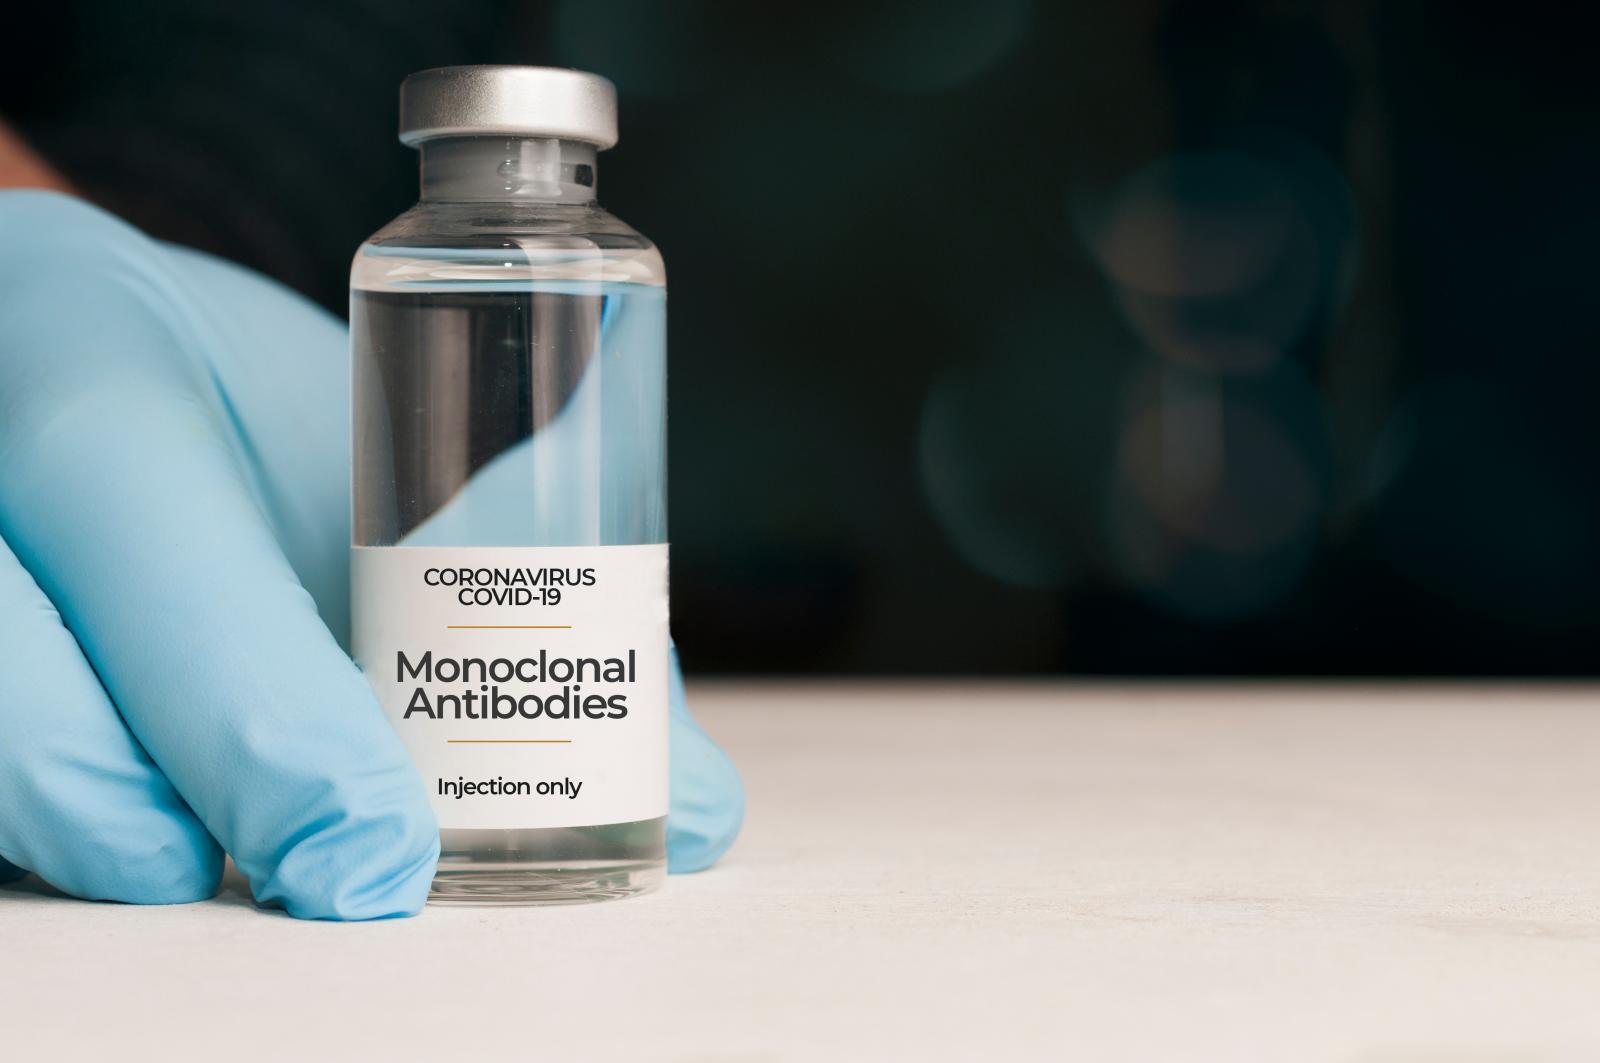 """ราชวิทยาลัยจุฬาภรณ์เตรียมนำเข้า """"โมโนโคลนอลแอนติบอดี"""" รักษาโควิด-19"""